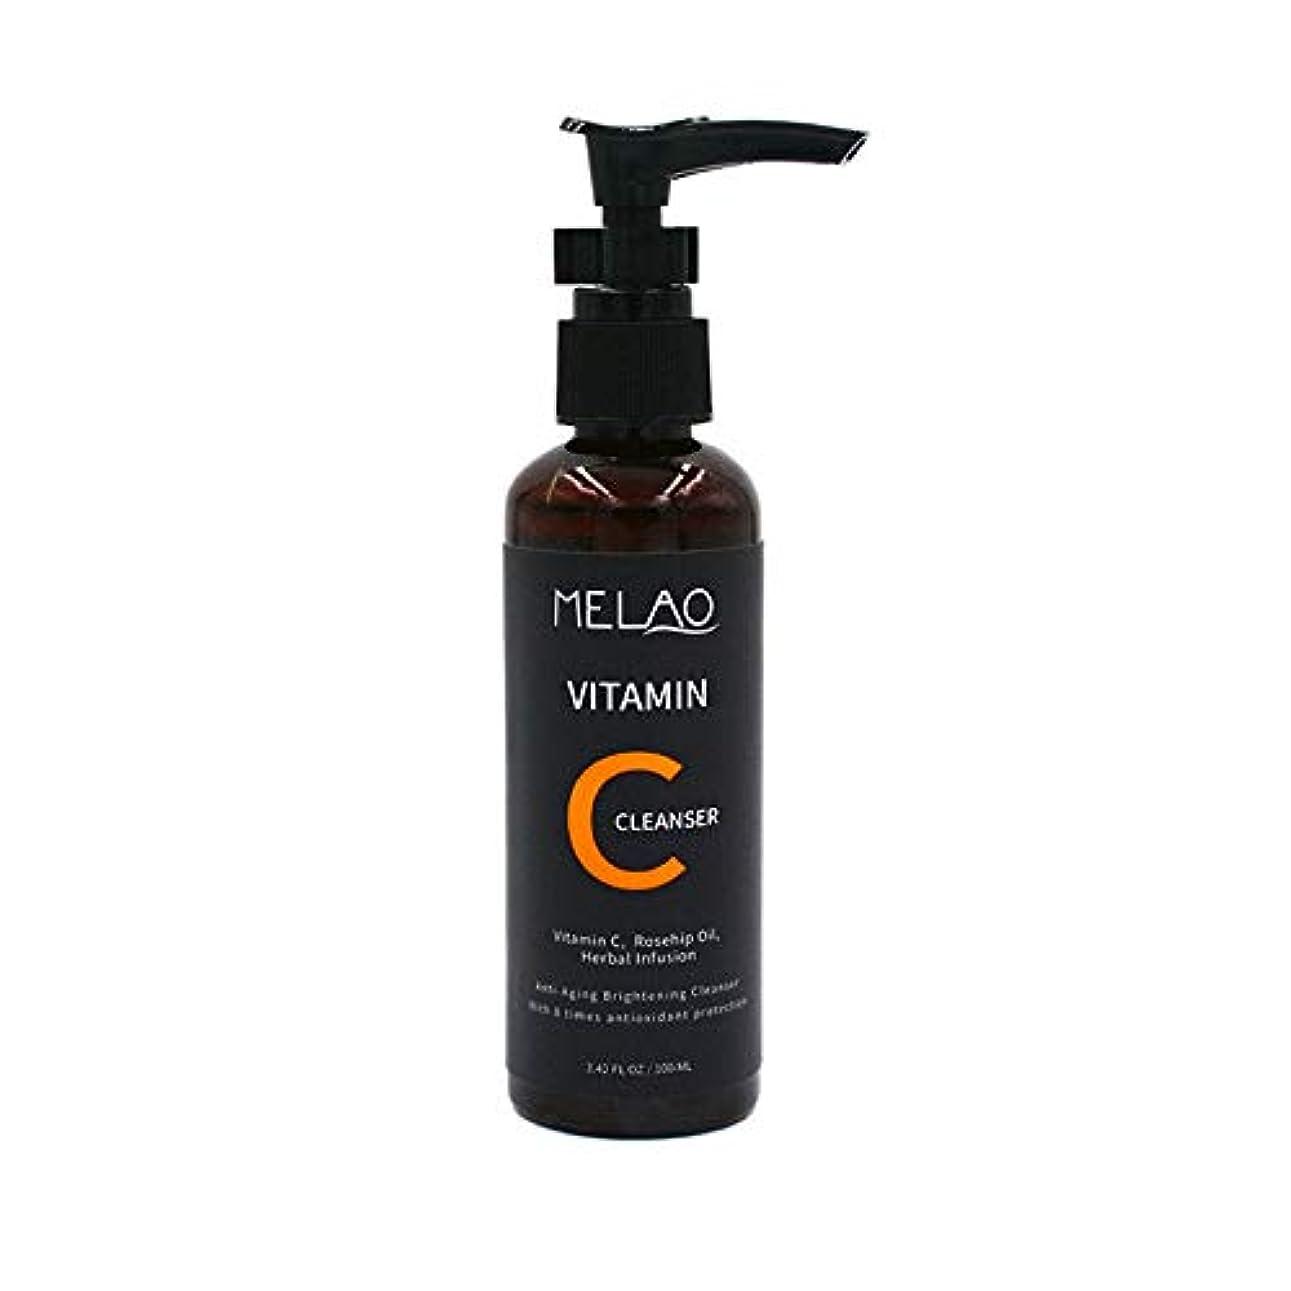 マサッチョエンディング気候Akane MELAO VC 顔洗い 深層 清潔 押す 保湿 浄化 角質除去 クレンジング 綺麗に オイルコントロール 使いやすい 洗顔料 アロエクリーム 100ml MC180202